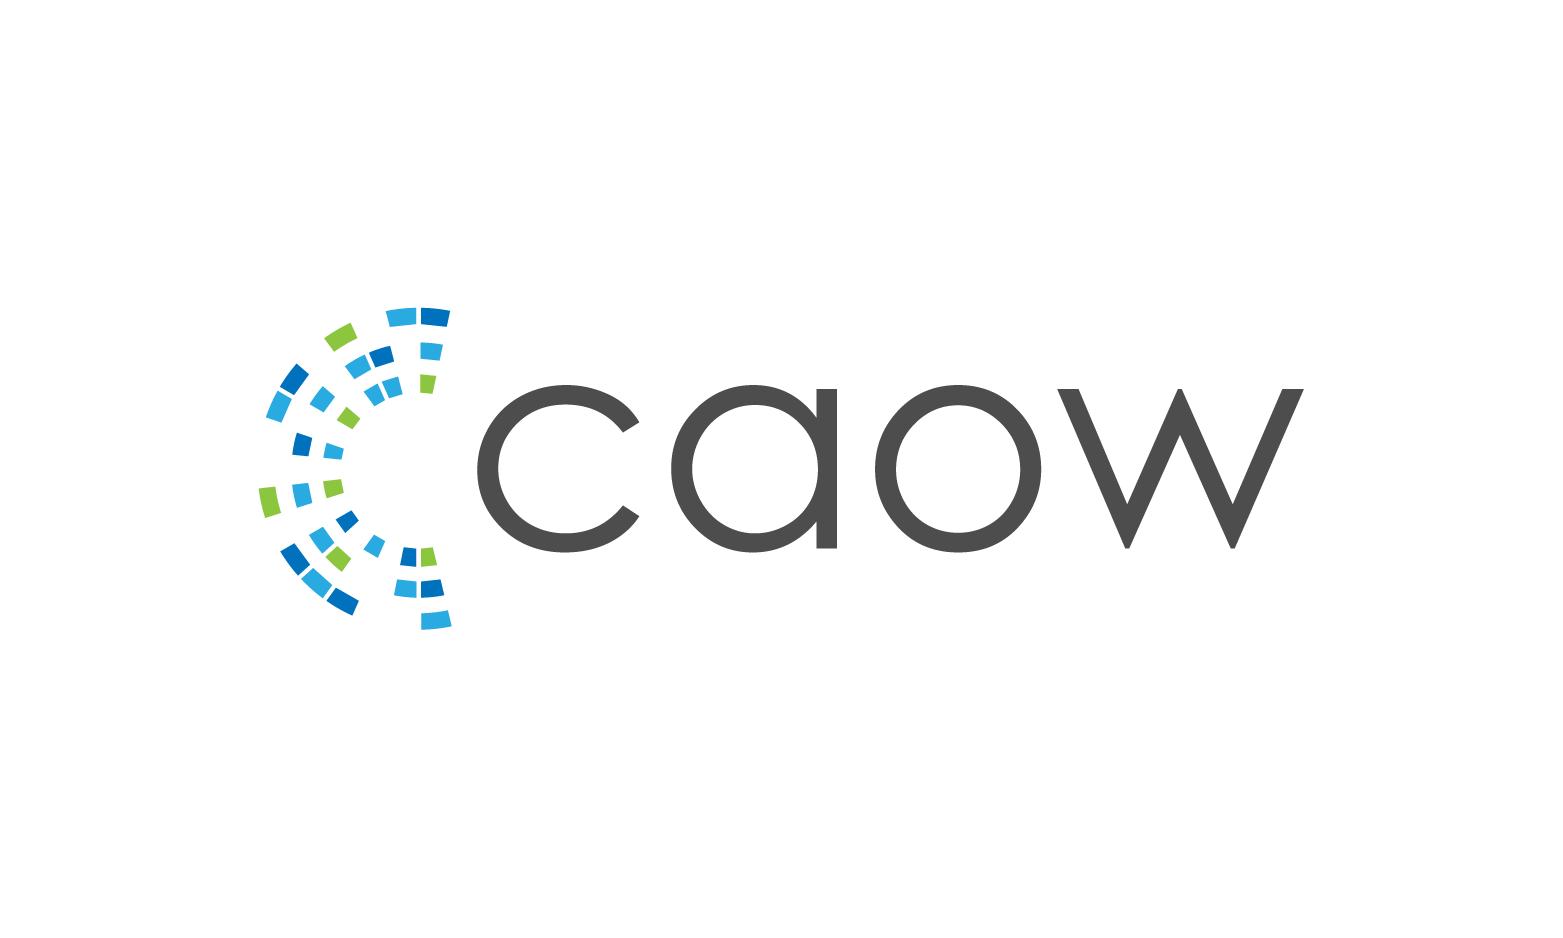 Caow.com